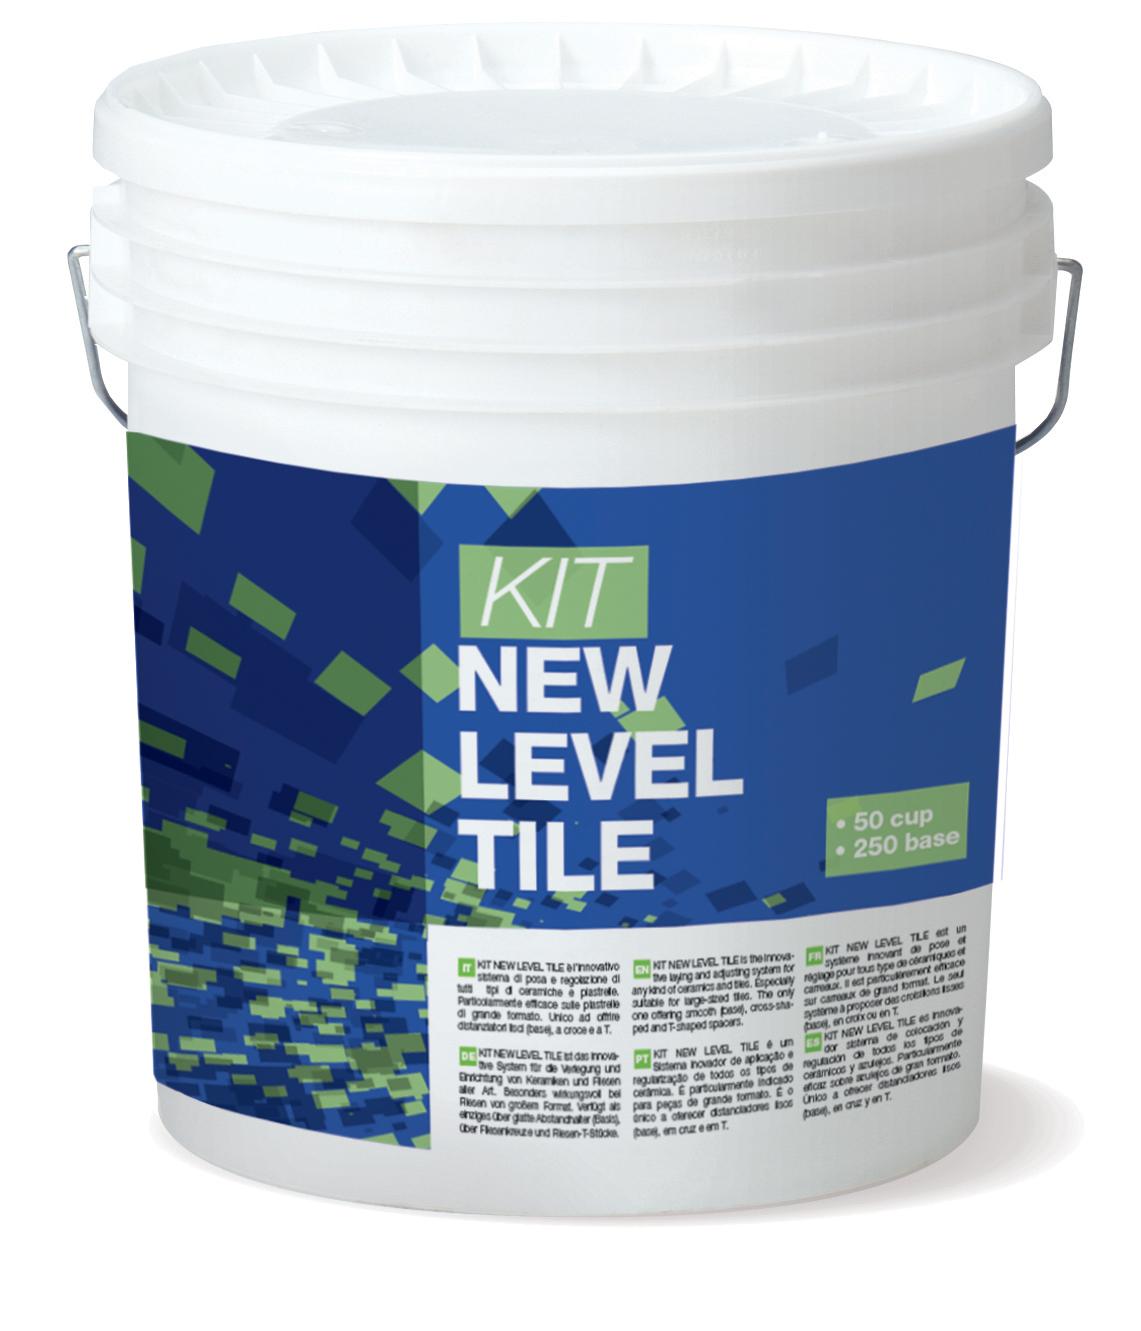 KIT NEW LEVEL TILE: Kit für die Fliesenausrichtung bestehend aus 50 Cup und 250 Base